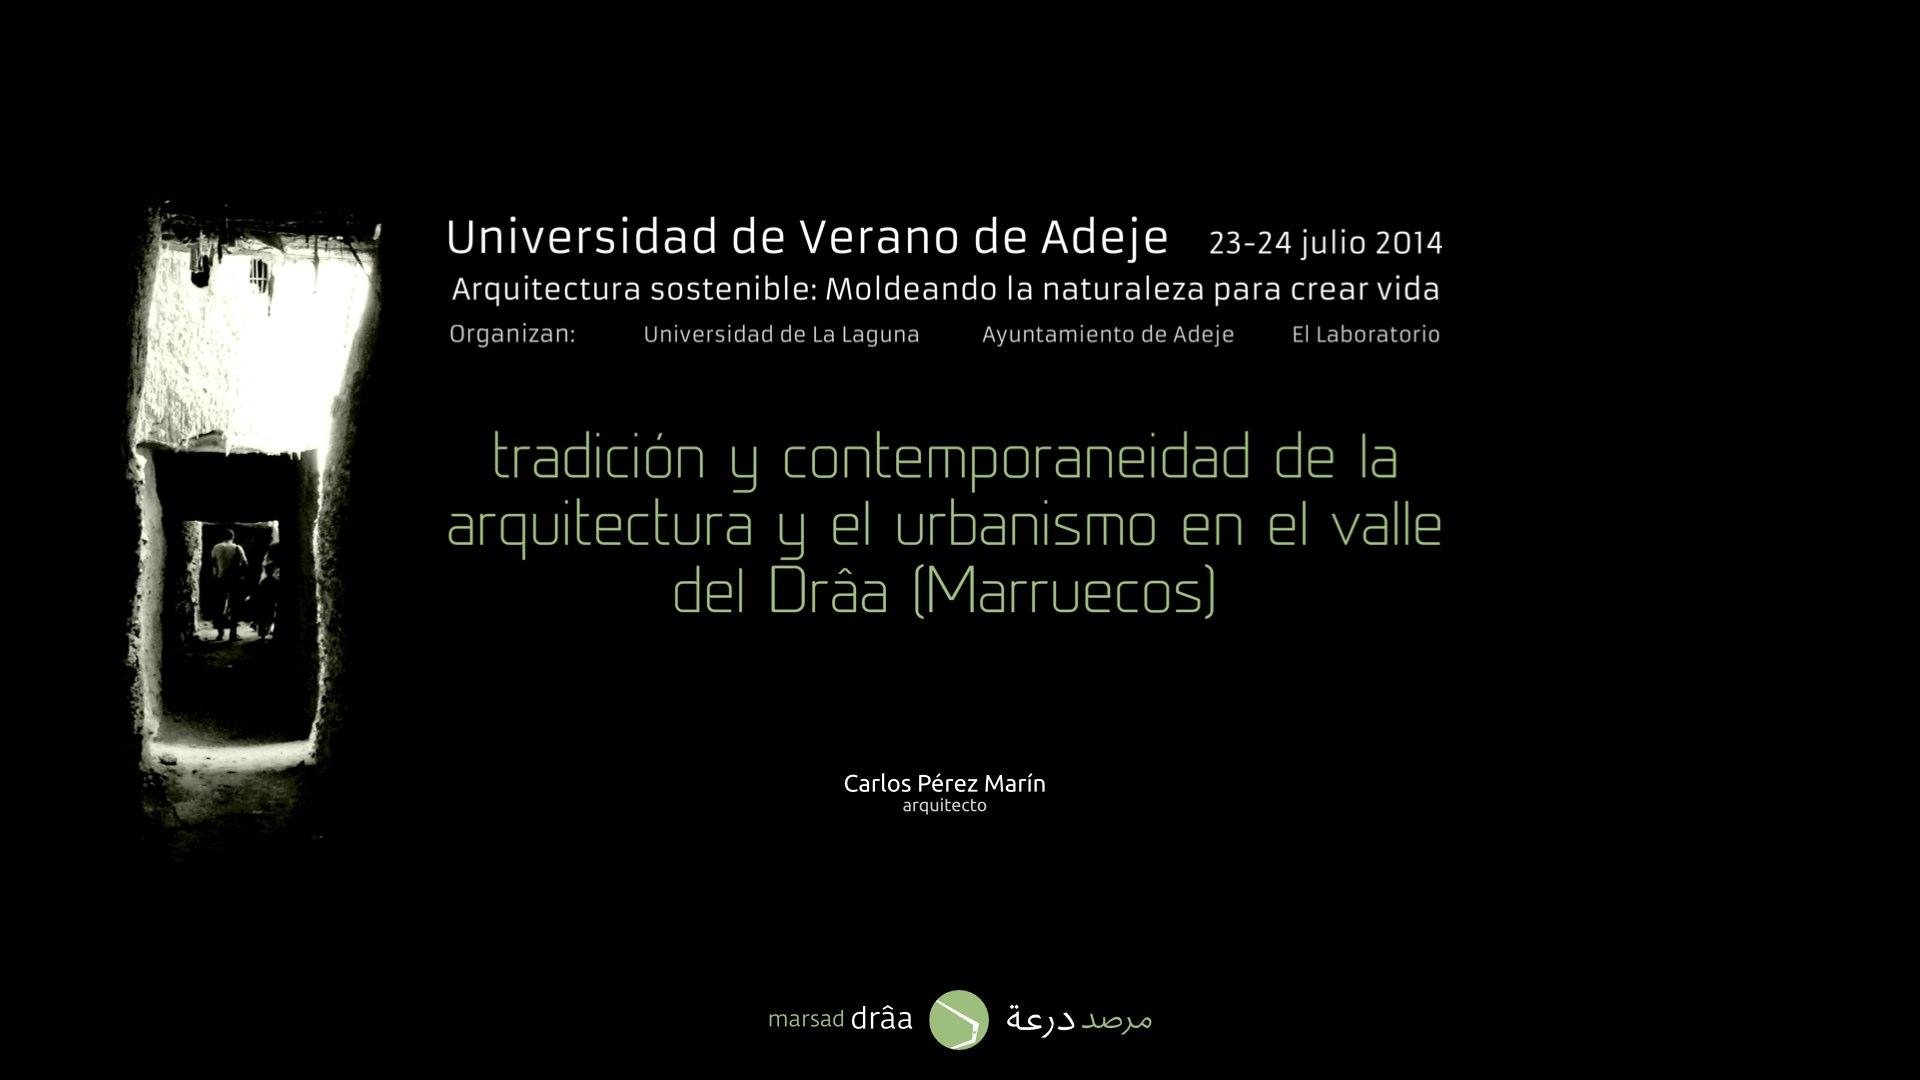 TRADICIÓN Y CONTEMPORANEIDAD DE LA ARQUITECTURA DEL VALLE DEL DRÂA, Adeje (España) 2014